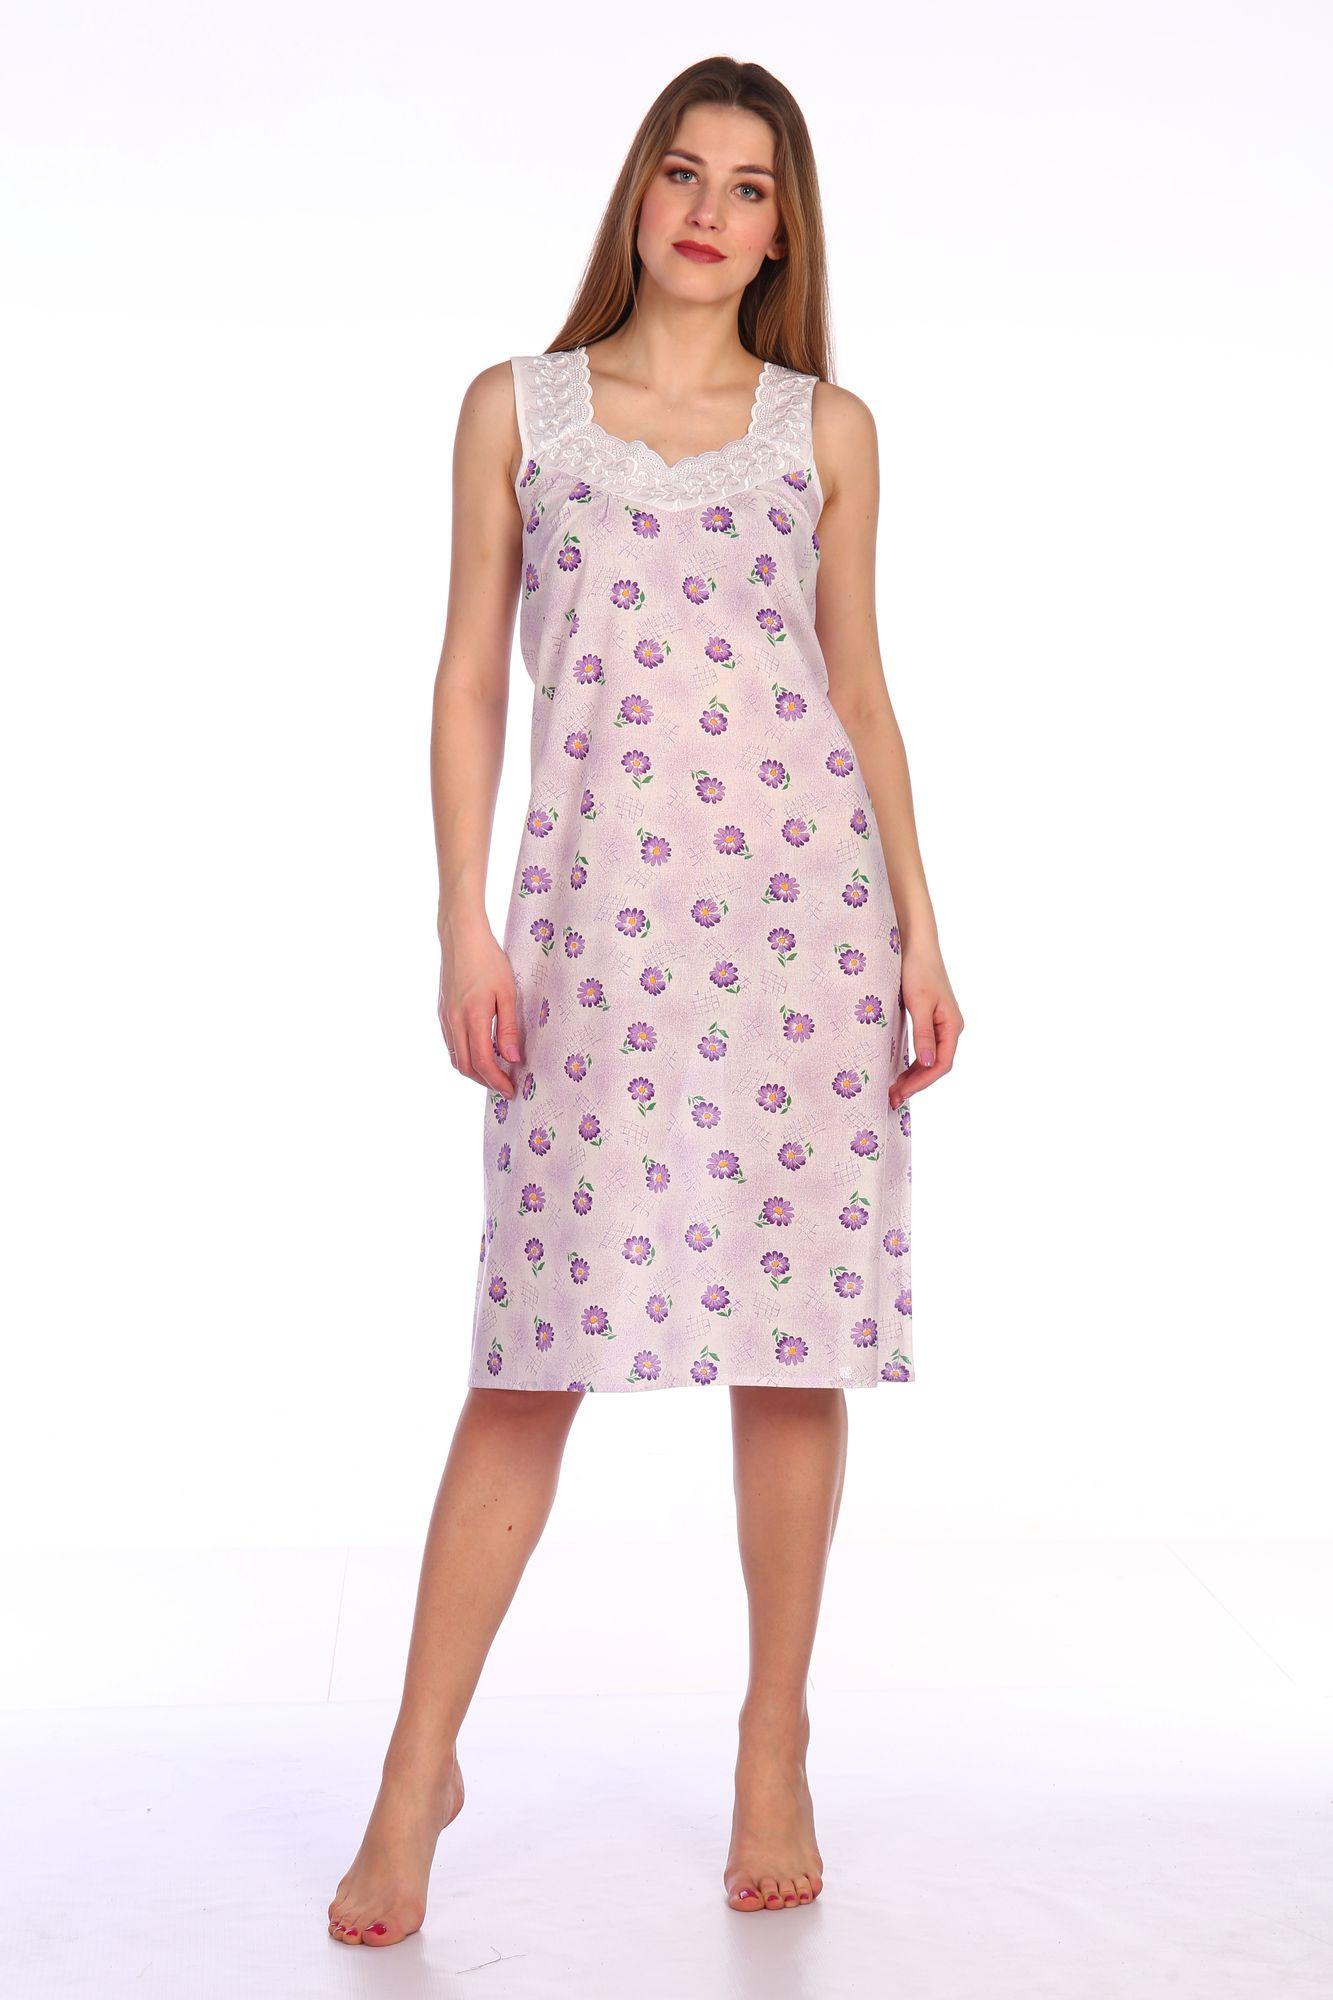 Сорочка ночная женская,модель 4031,ситец (Полянка, сиреневый )